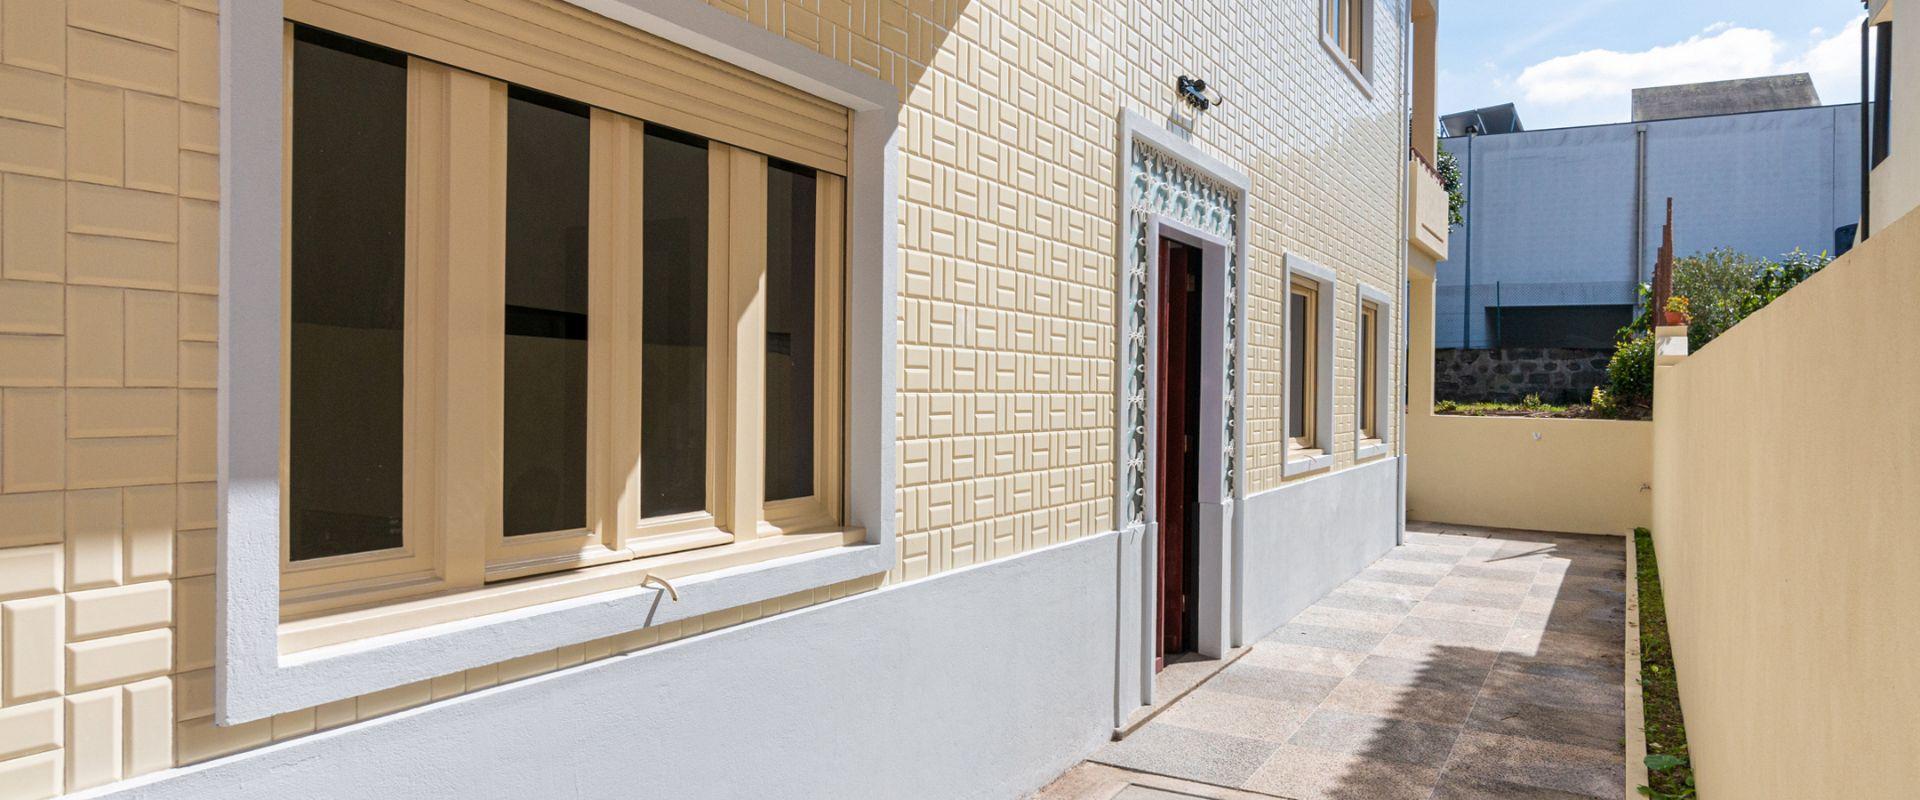 Remodelação de Moradia - Construída para Durar e Recomeçar